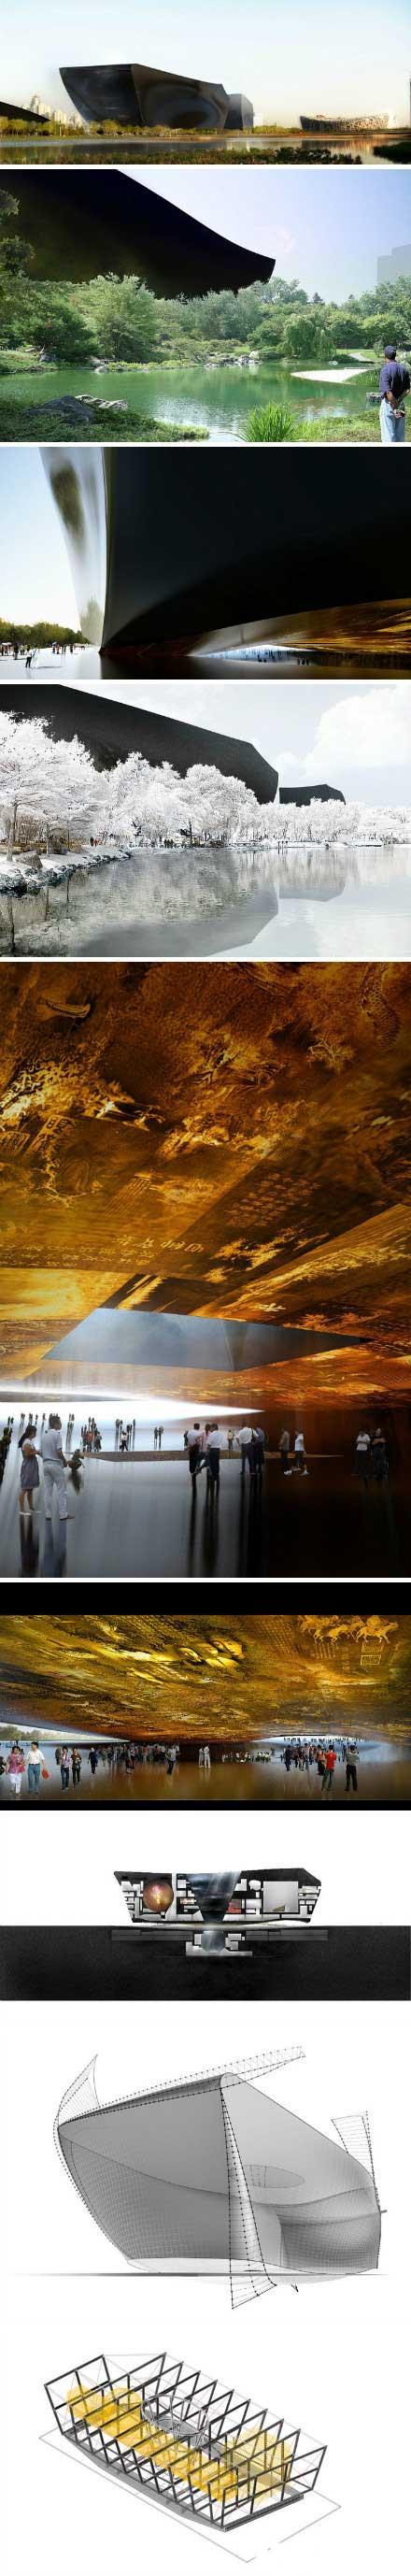 中国美术馆新馆设计招标方案<wbr><wbr>花落法国设计师让•努维尔